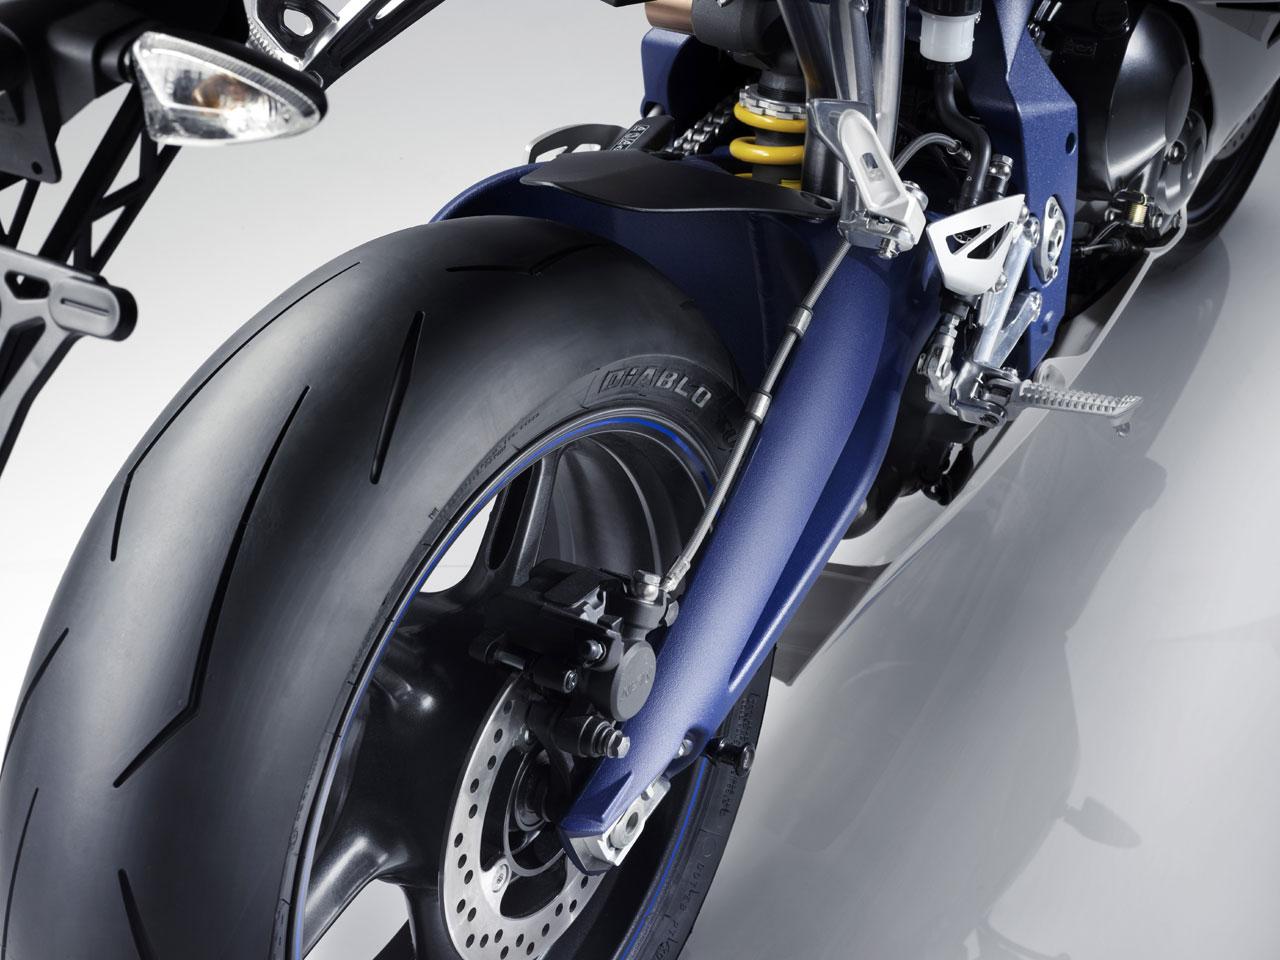 http://4.bp.blogspot.com/-Z4g_i3FPAJ0/Teey-GKYLMI/AAAAAAAAA9c/sFOUZ15aPQ0/s1600/2010-Triumph-Daytona-675-SE-Wheel.jpg